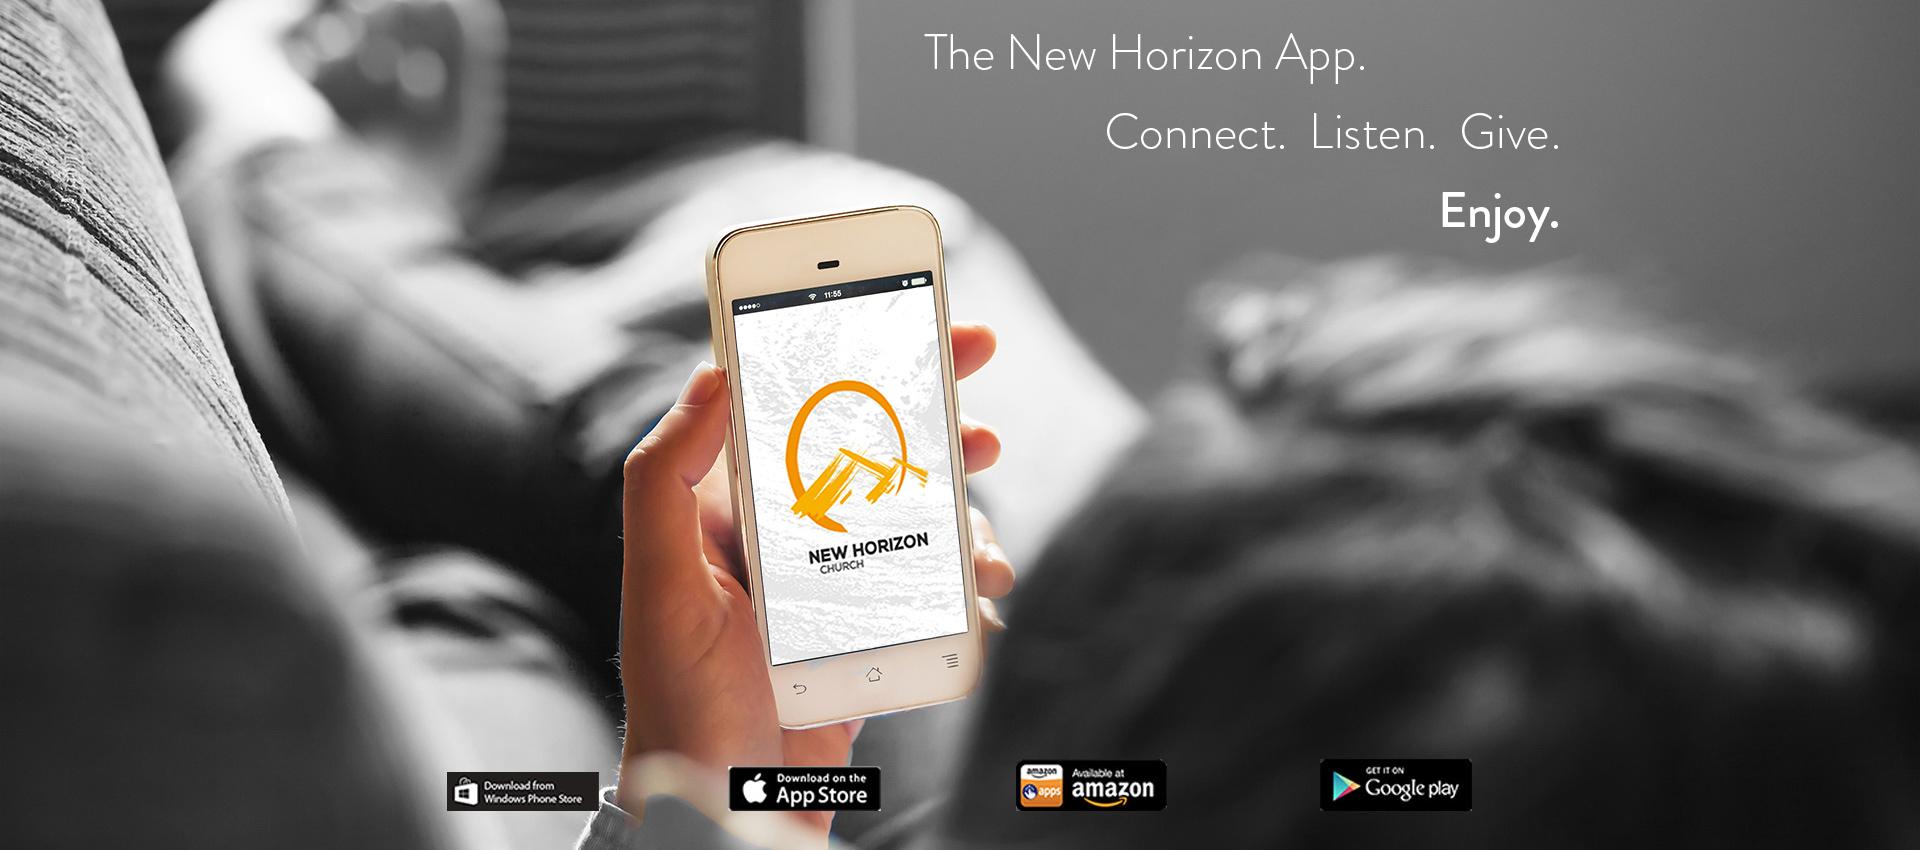 New Horizon App - Amazon, Android, Windows, iPhone